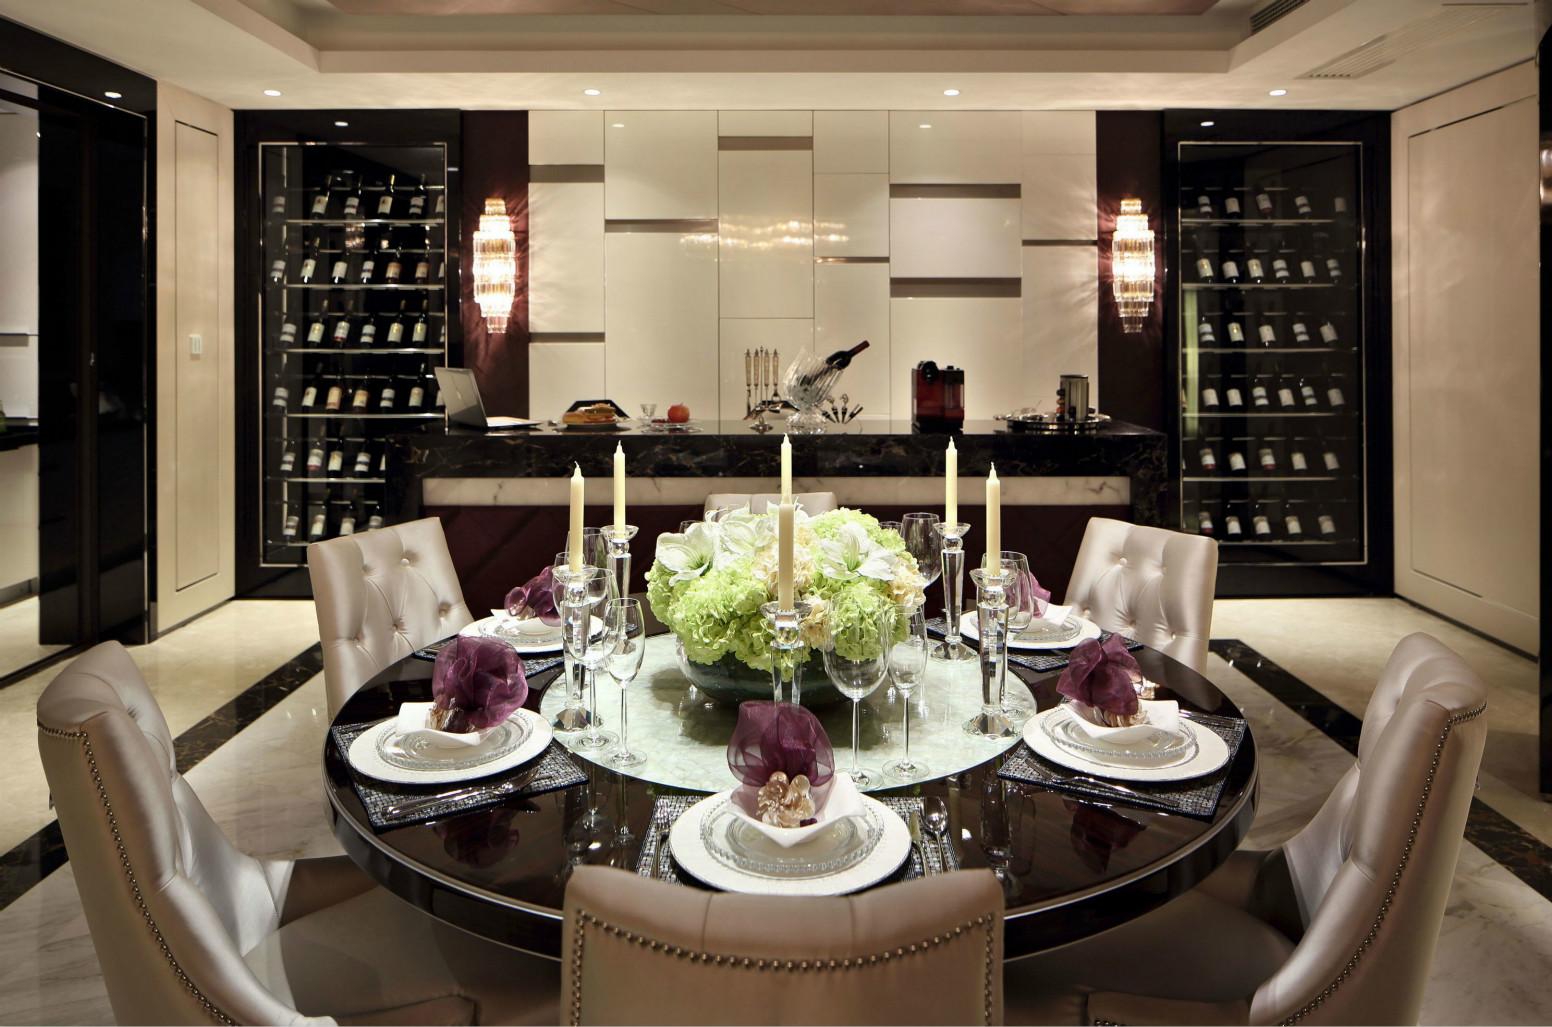 餐桌以木质为主,皮质的座椅,花的点缀,很是典雅